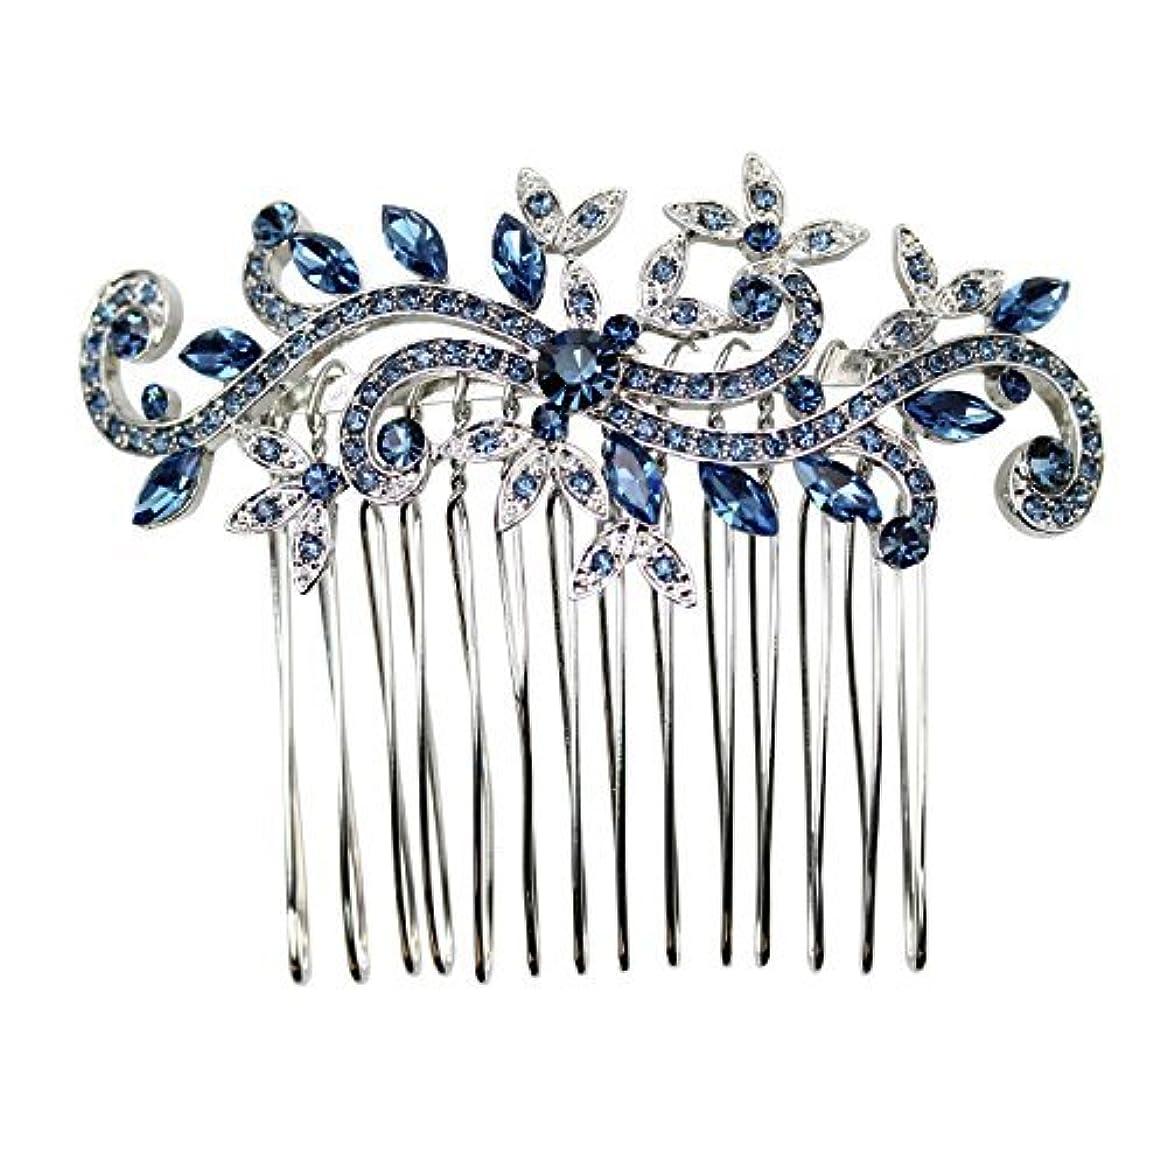 コンテンツ振り子シャッターFaship Gorgeous Navy Blue Crystal Floral Hair Comb [並行輸入品]